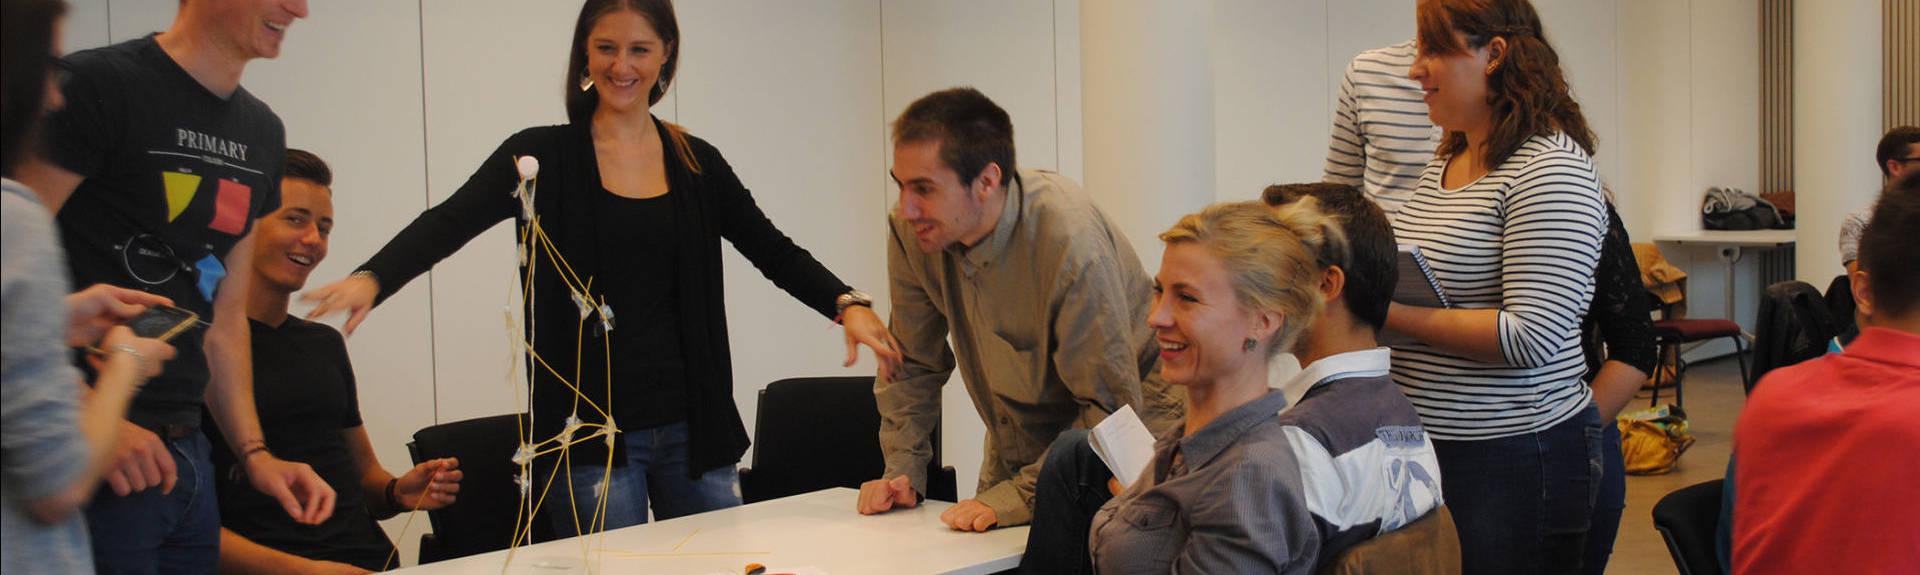 header - groupe d'étudiants souriant devan leur projet